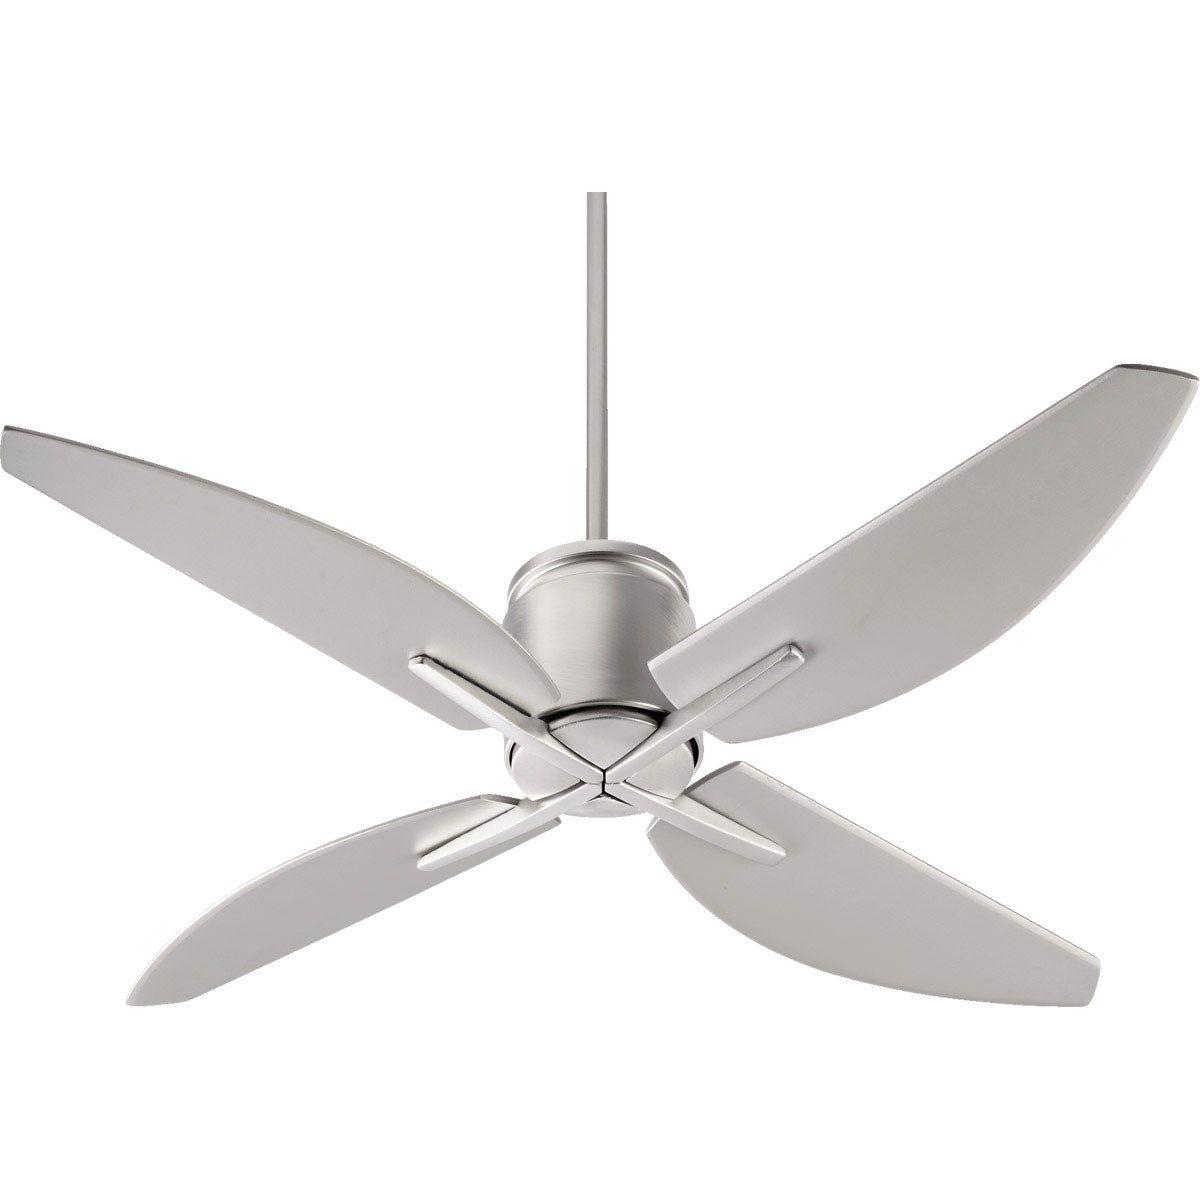 Quorum International 50524 65 Modern Ceiling Fan Ceiling Fan Nautical Ceiling Fan